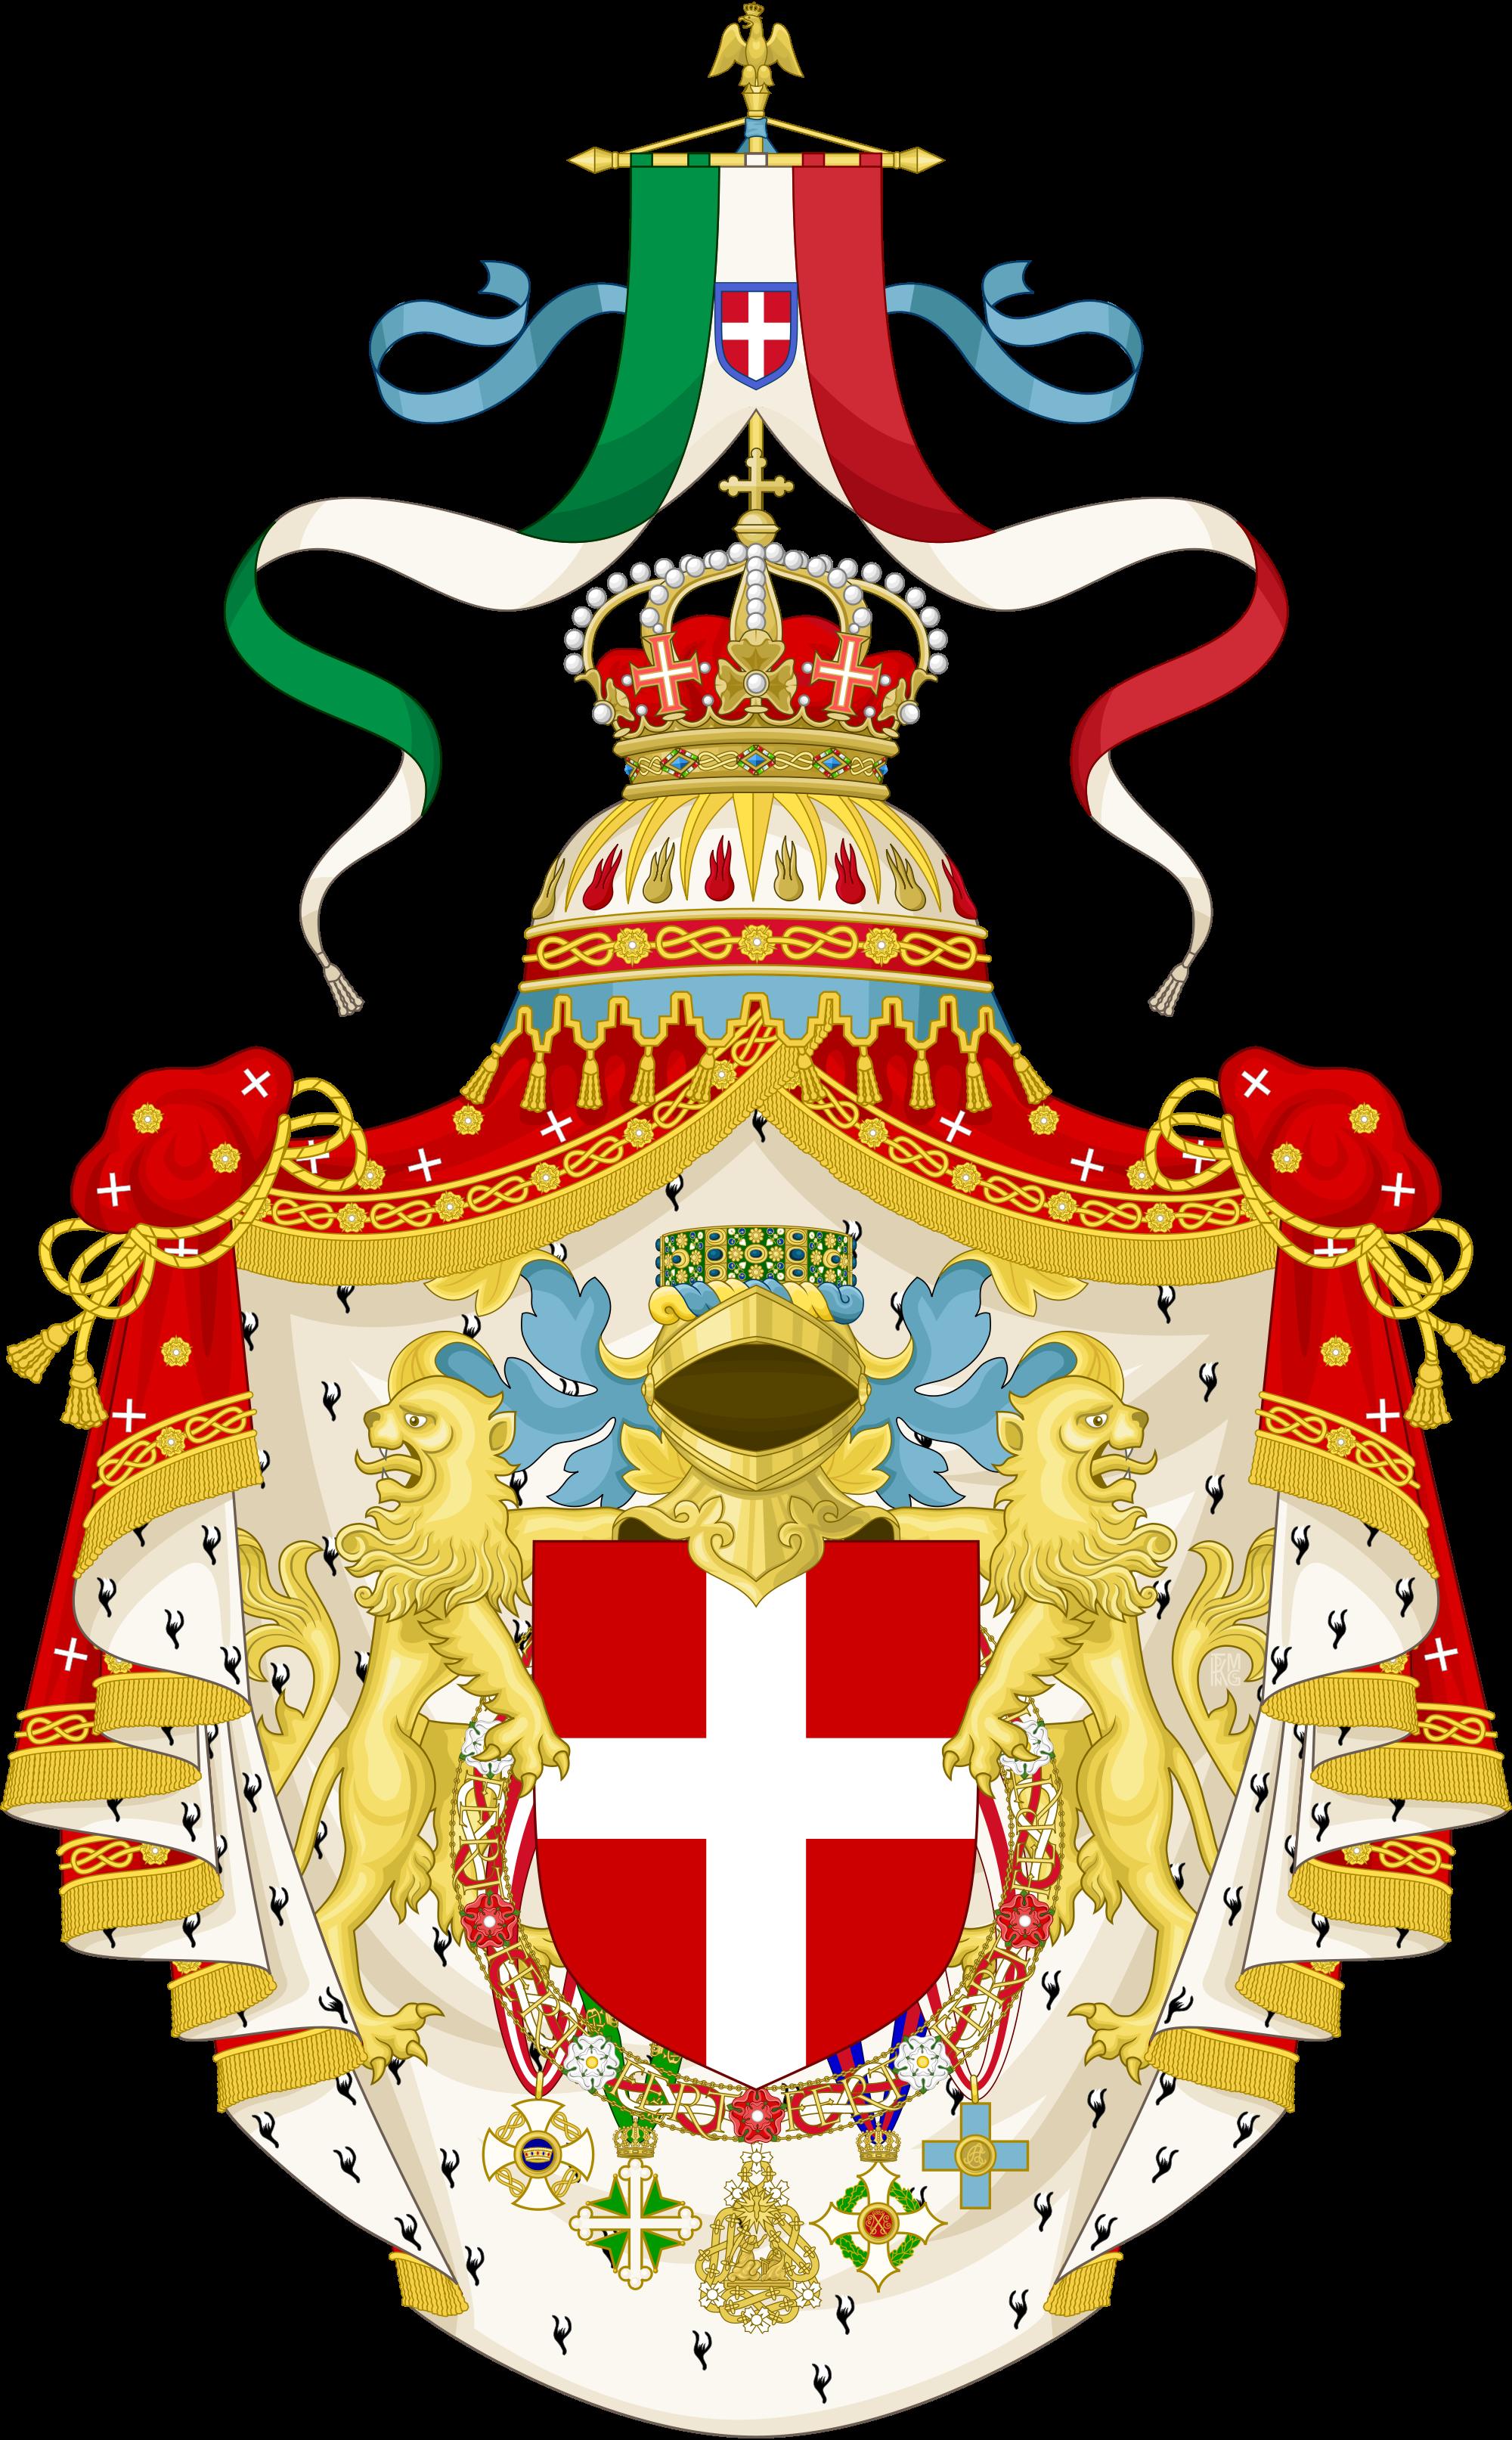 La sacra famiglia ch. Palace clipart versailles palace